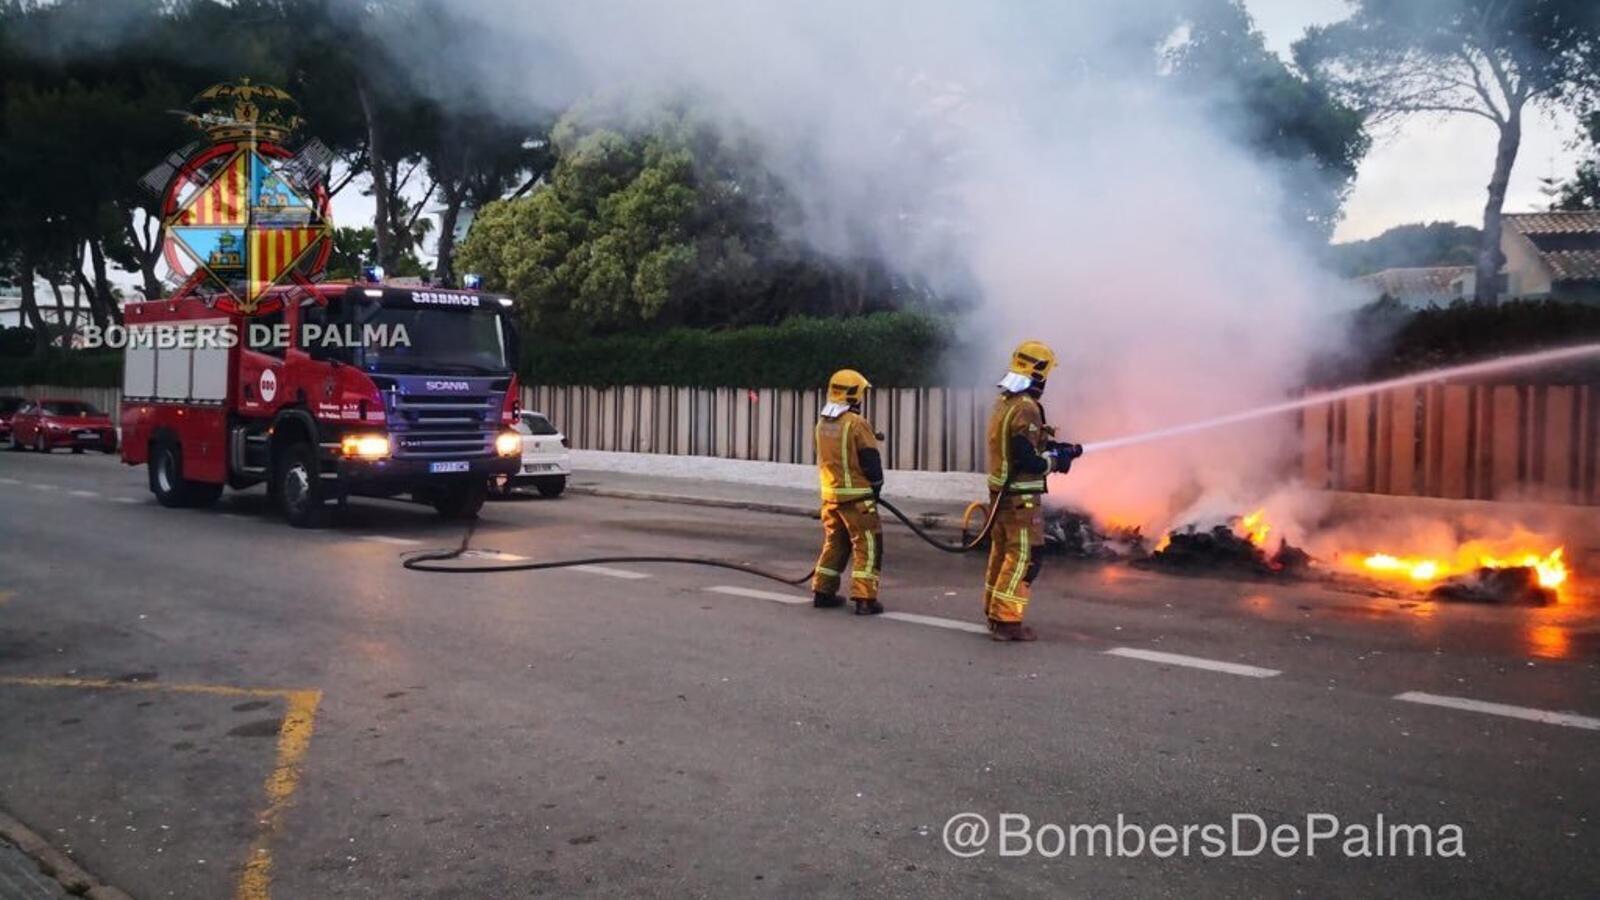 Continuen els incendis de contenidors i els danys ja sumen més de 250.000 euros